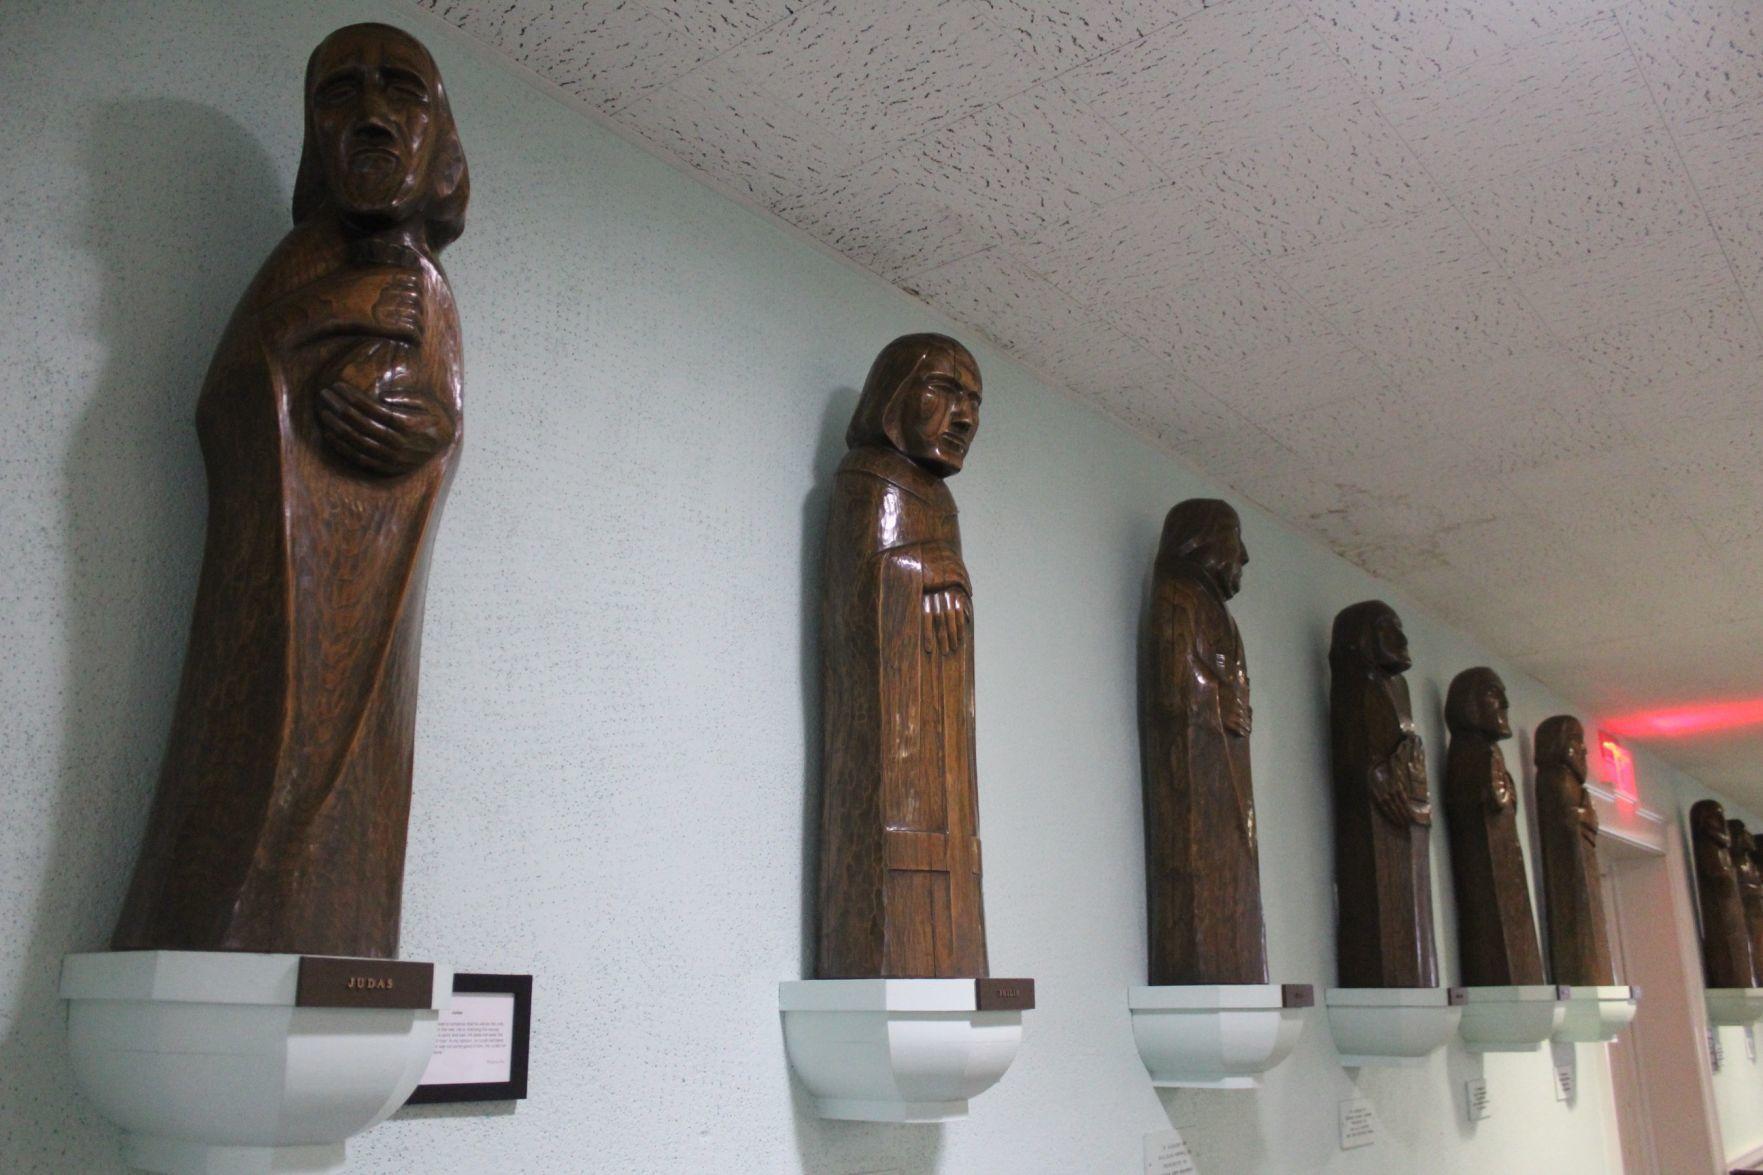 West Virginia Wesleyan Chapel u0027serves as a